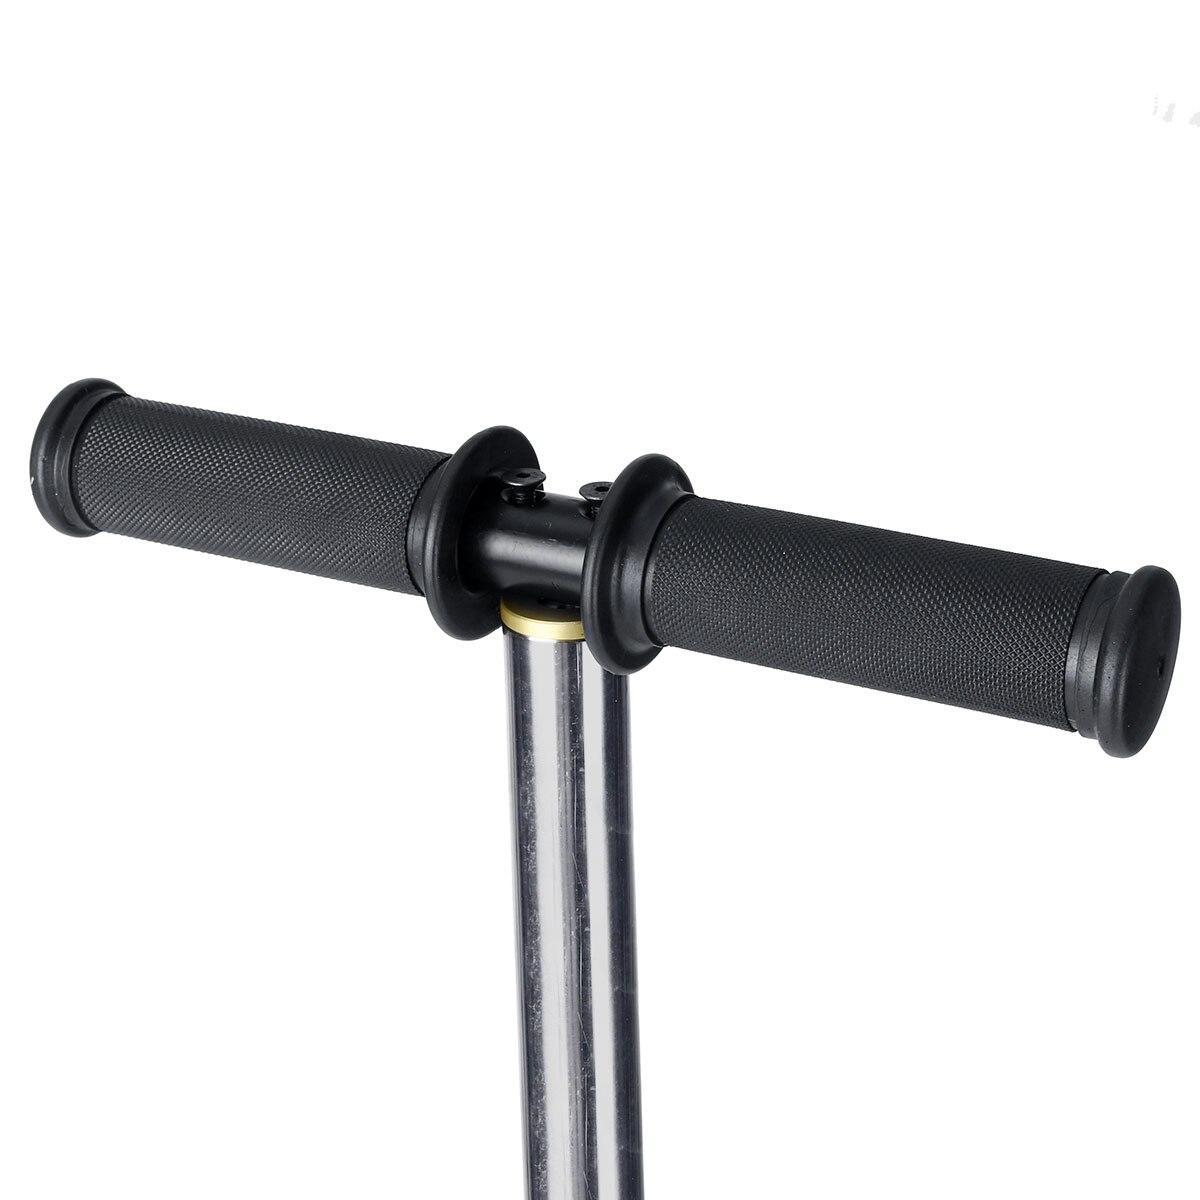 Pour 0.5L plongée sous-marine réservoir de rechange pompe à main oxygène réservoir d'air pompe à main pour SMACO rechange accessoires de respiration sous-marine - 5